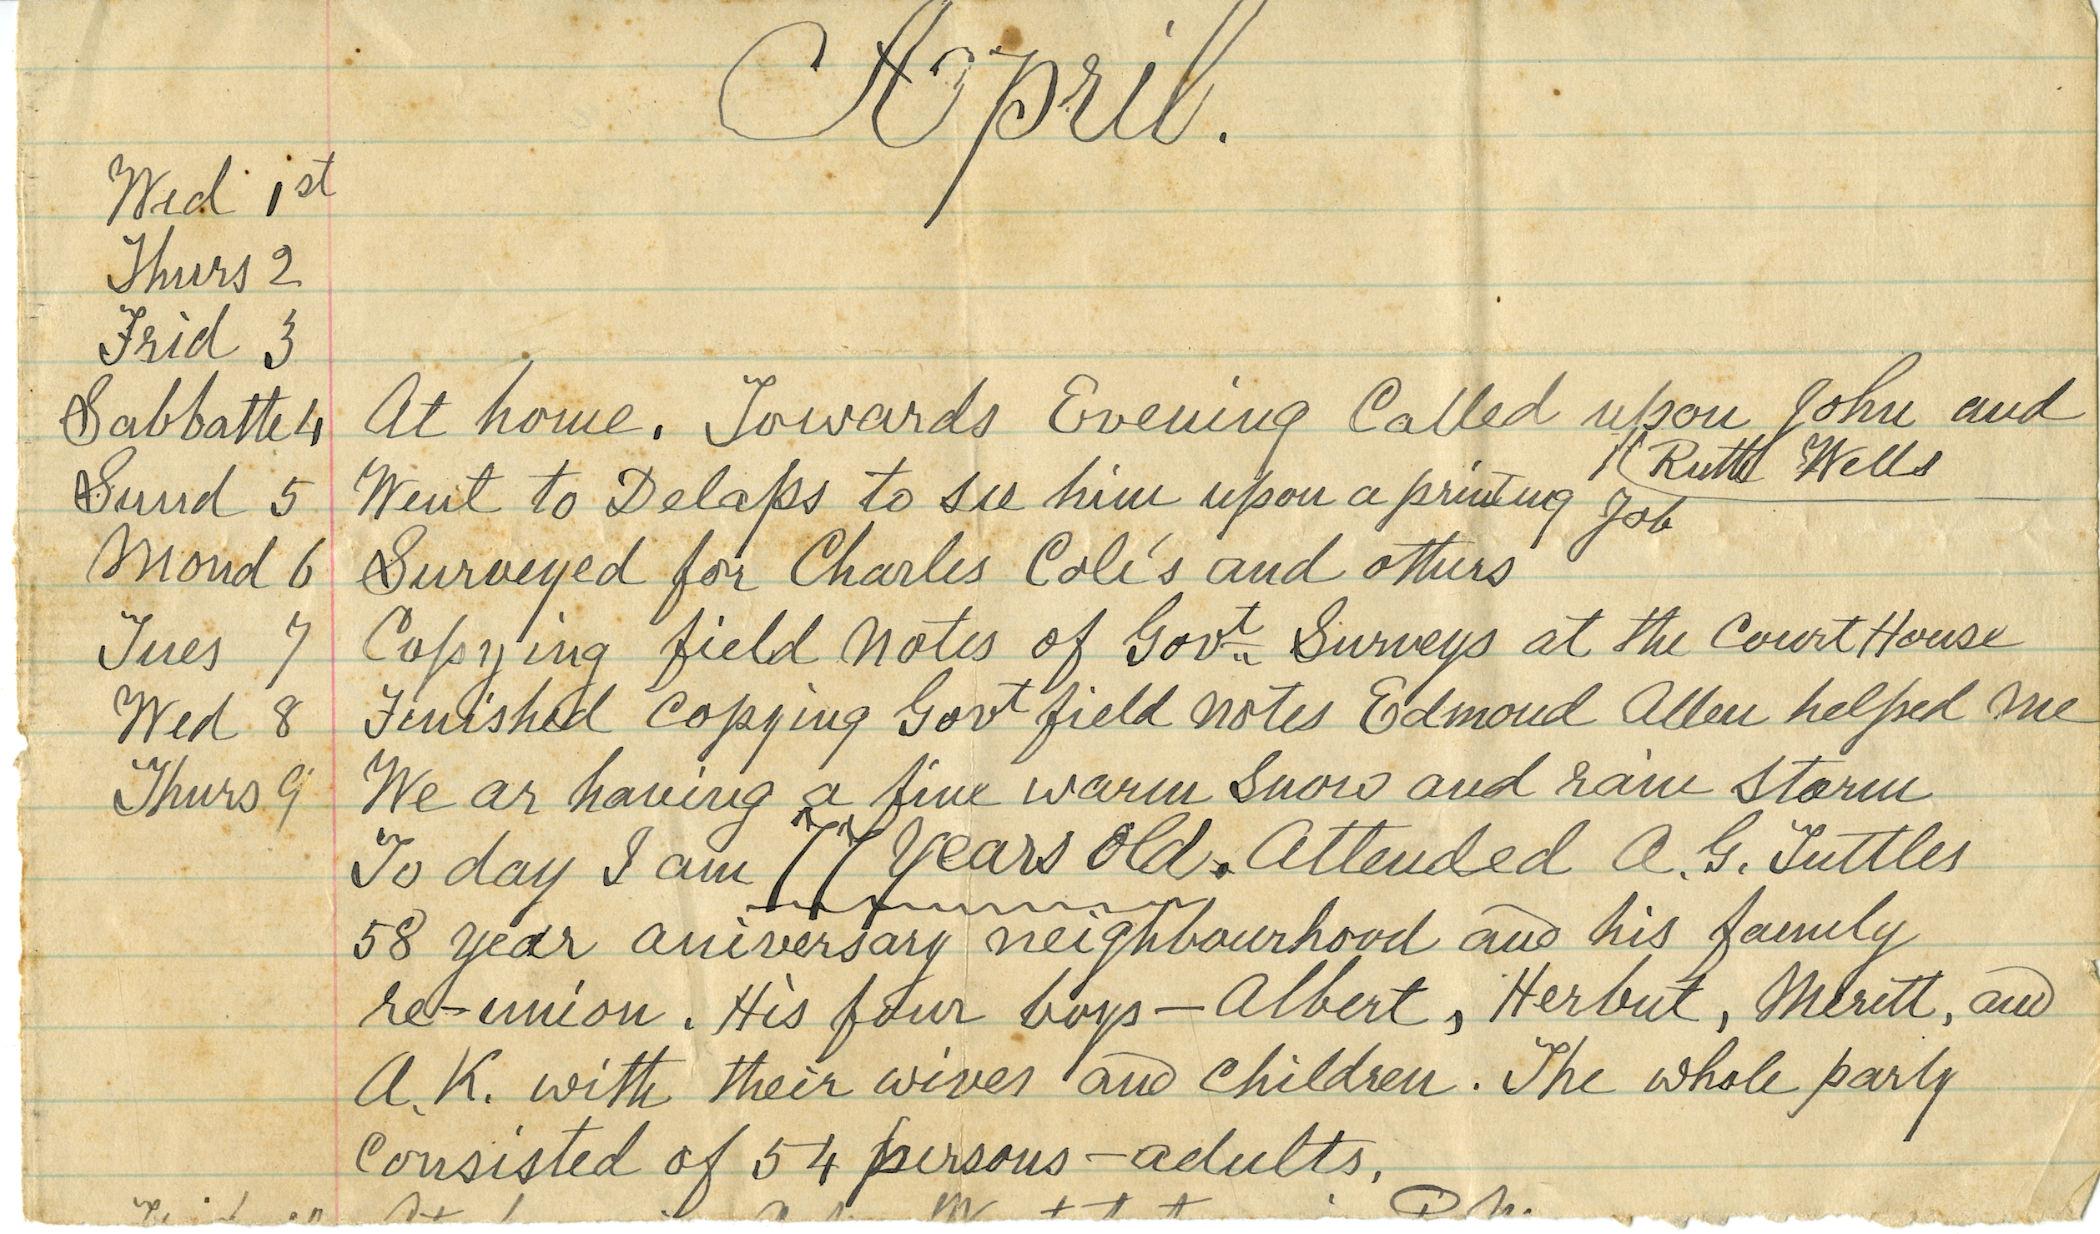 Original Wm Canfield Diary